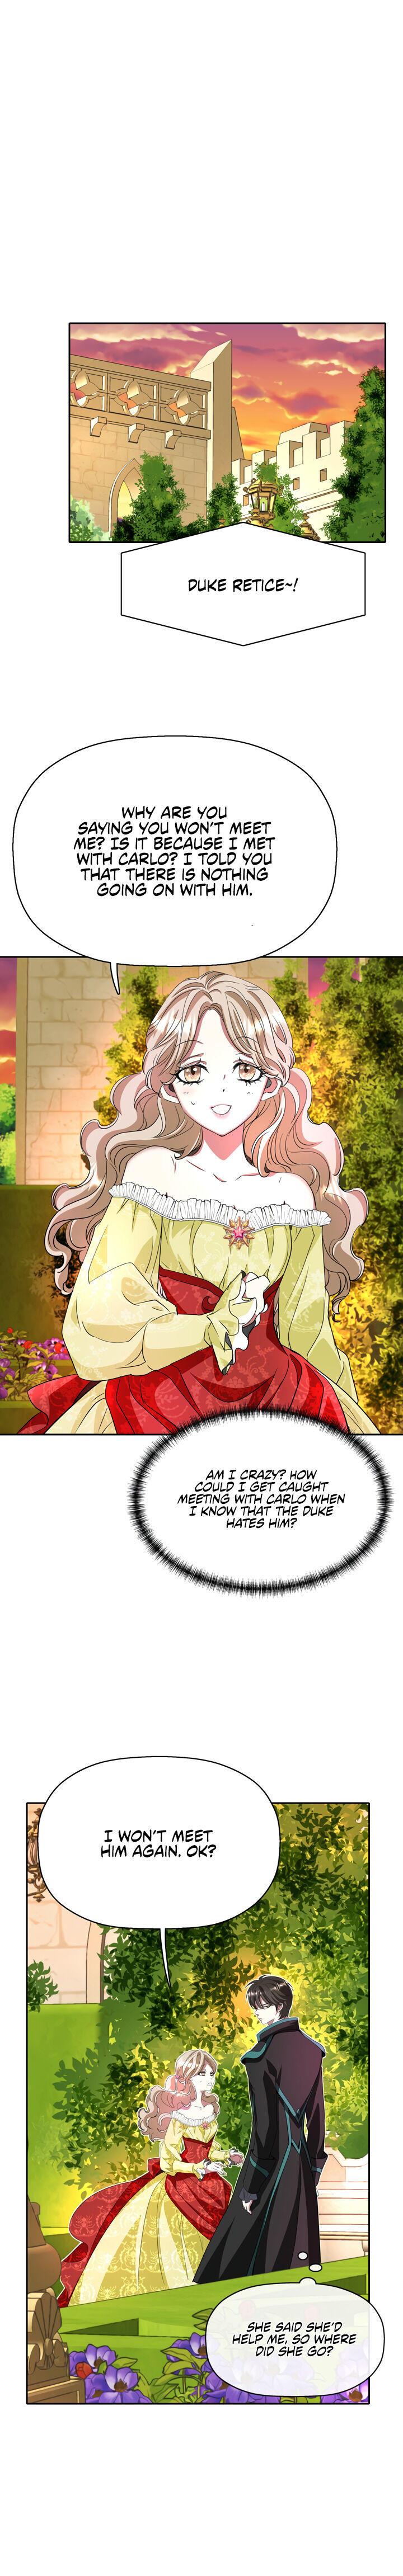 I'M A Killer But I'M Thinking Of Living As A Princess Chapter 12 page 8 - Mangakakalots.com